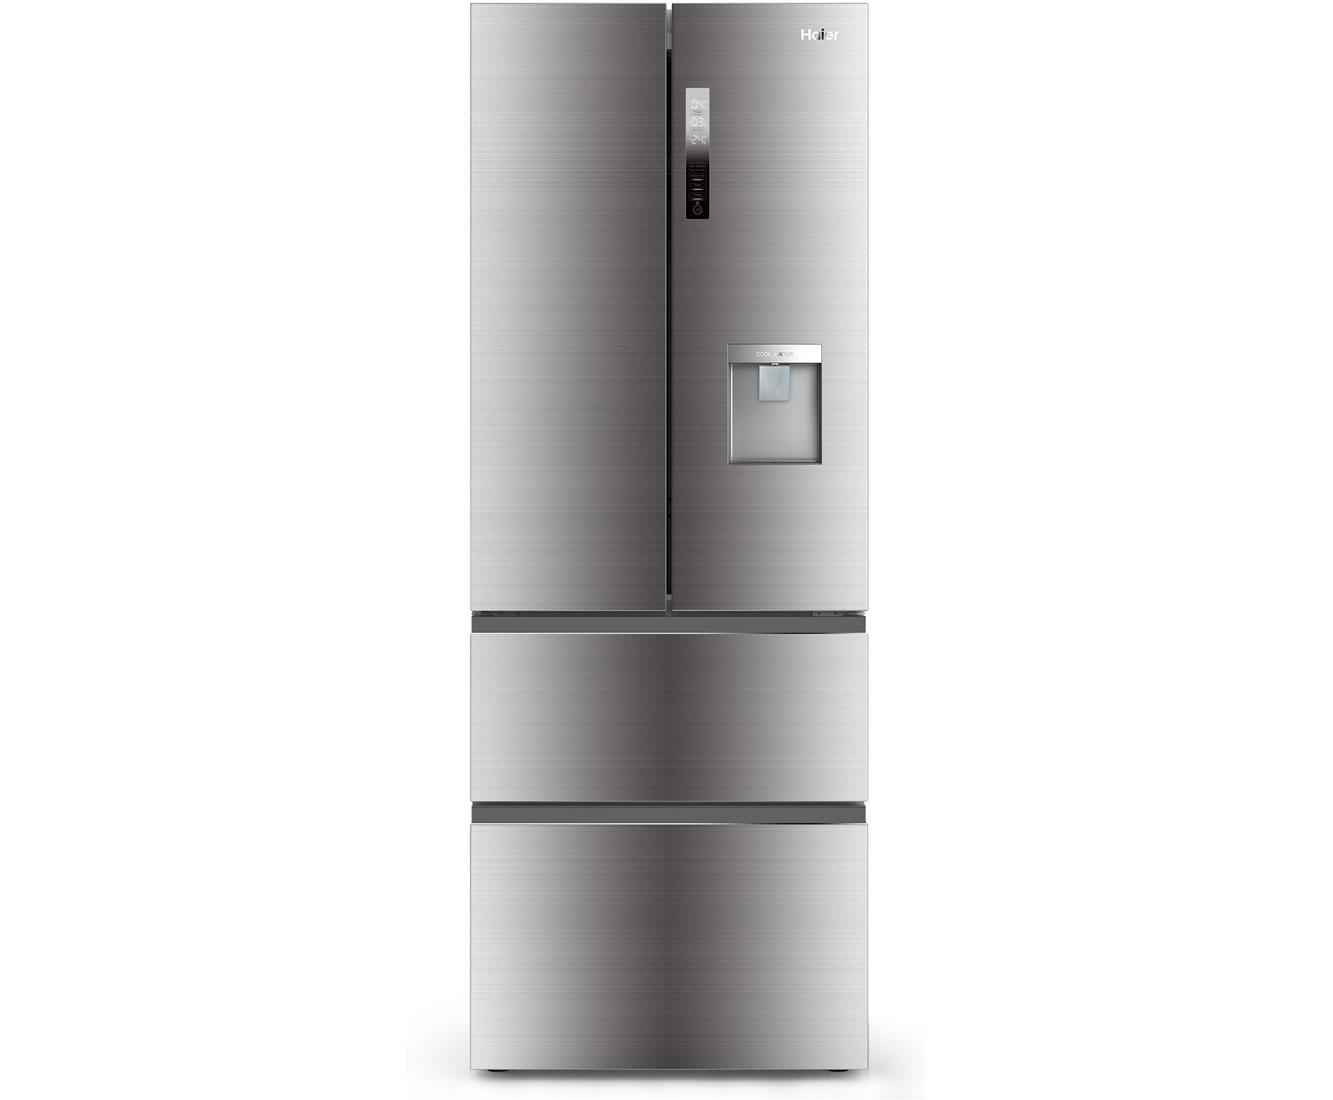 Side By Side Kühlschrank Günstig Kaufen : Side by side kühlschrank kaufen kühlschrank samsung side by side